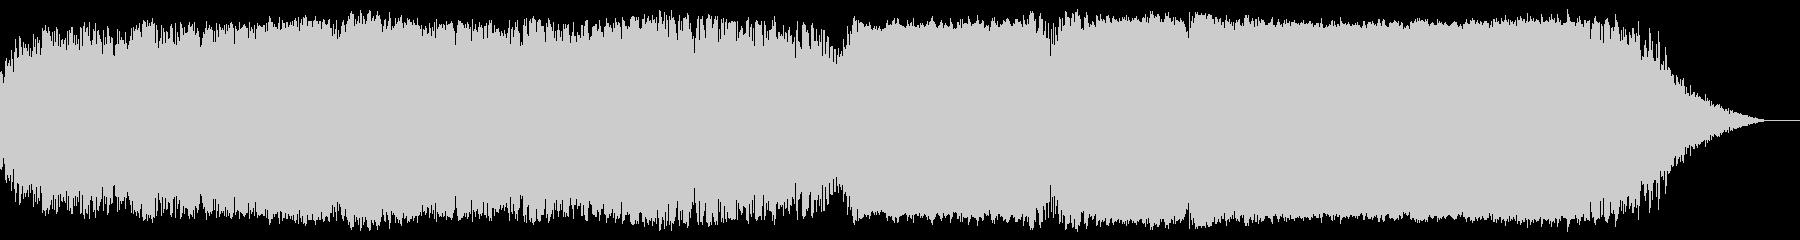 レトロ、ノスタルジックな空間表現用の音楽の未再生の波形